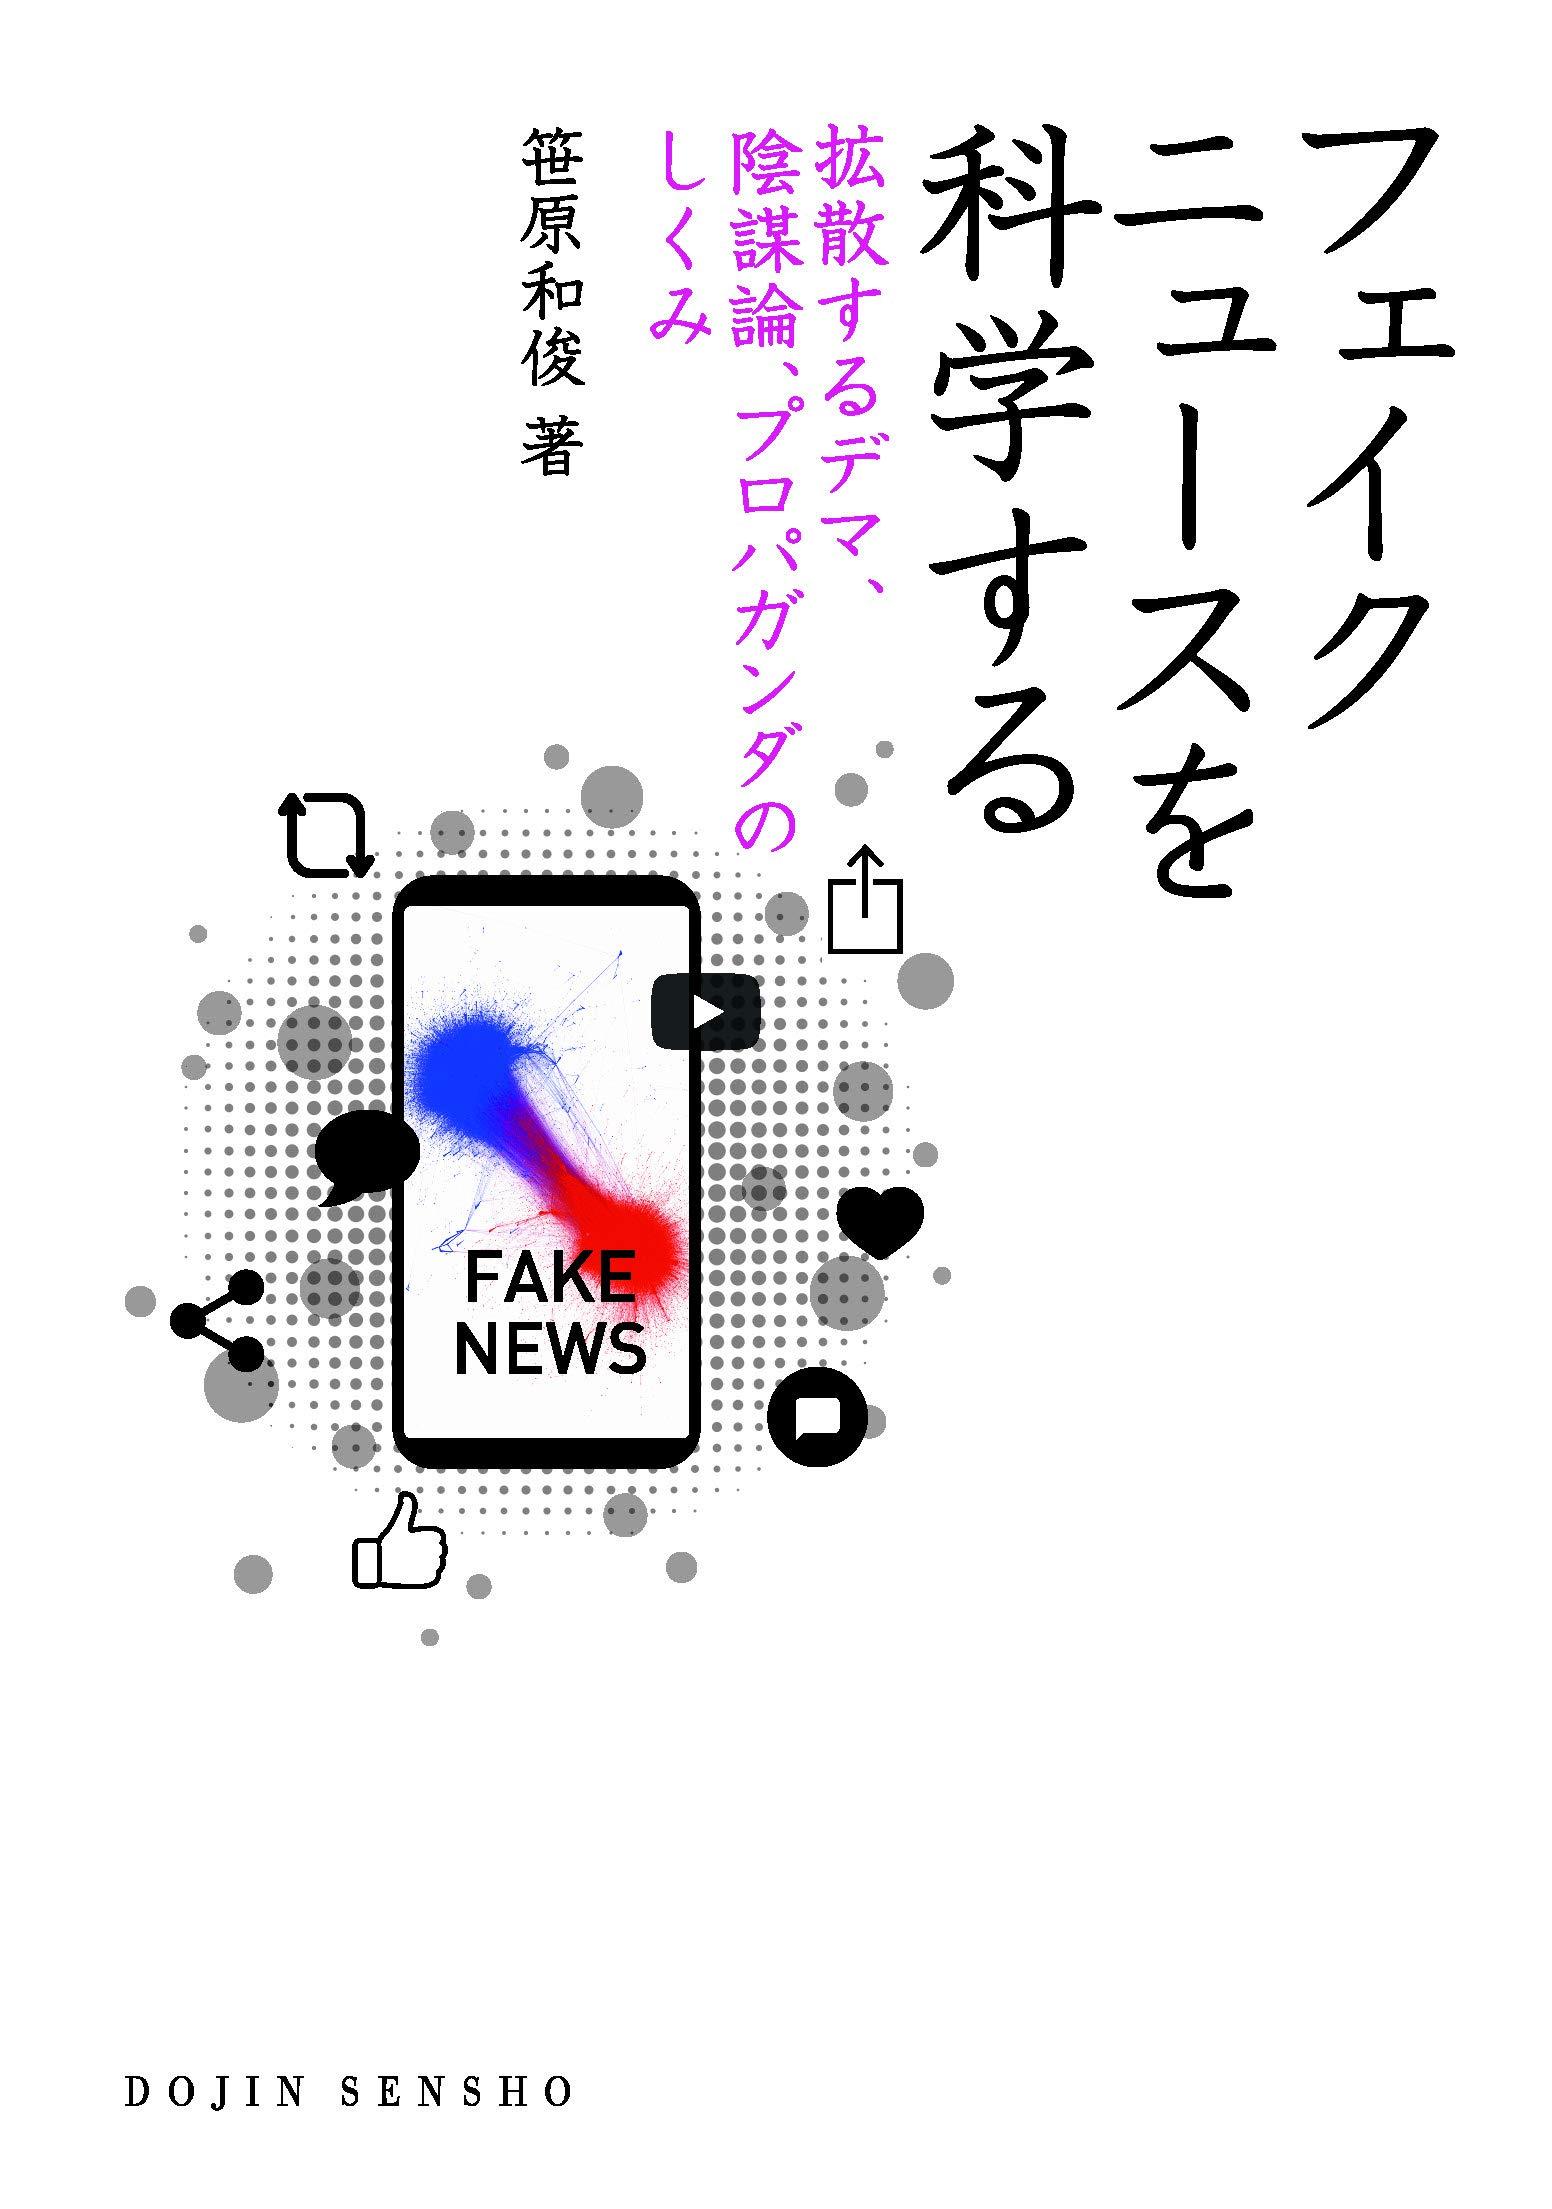 ニュース フェイク